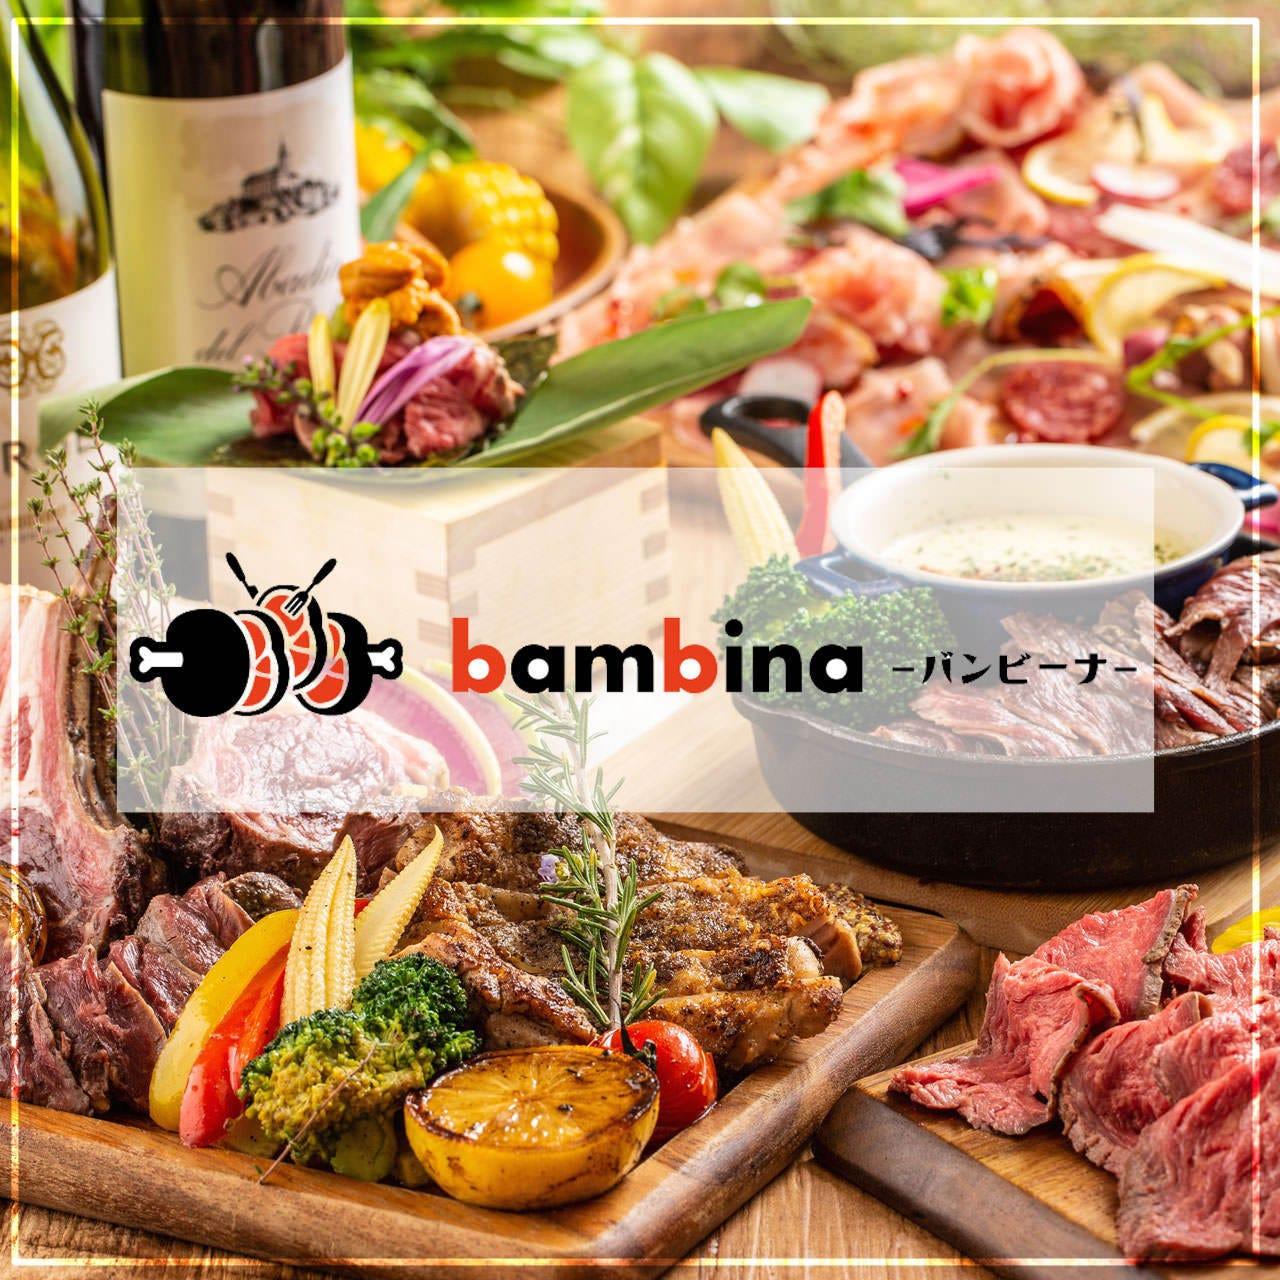 個室 お肉とチーズのお店 bambina ‐バンビーナ‐ 熊谷店